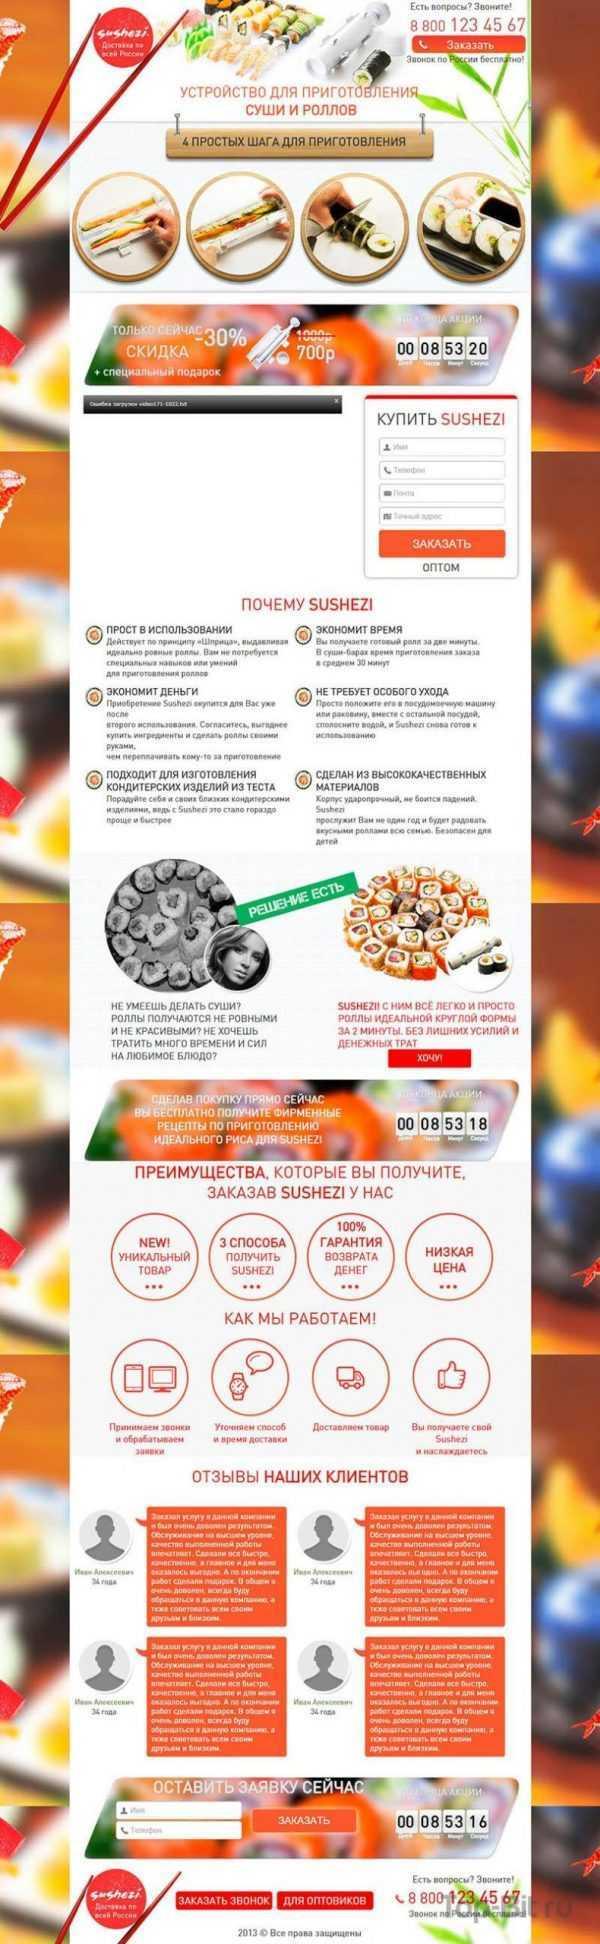 Landing Page по продаже устройства для приготовления суши